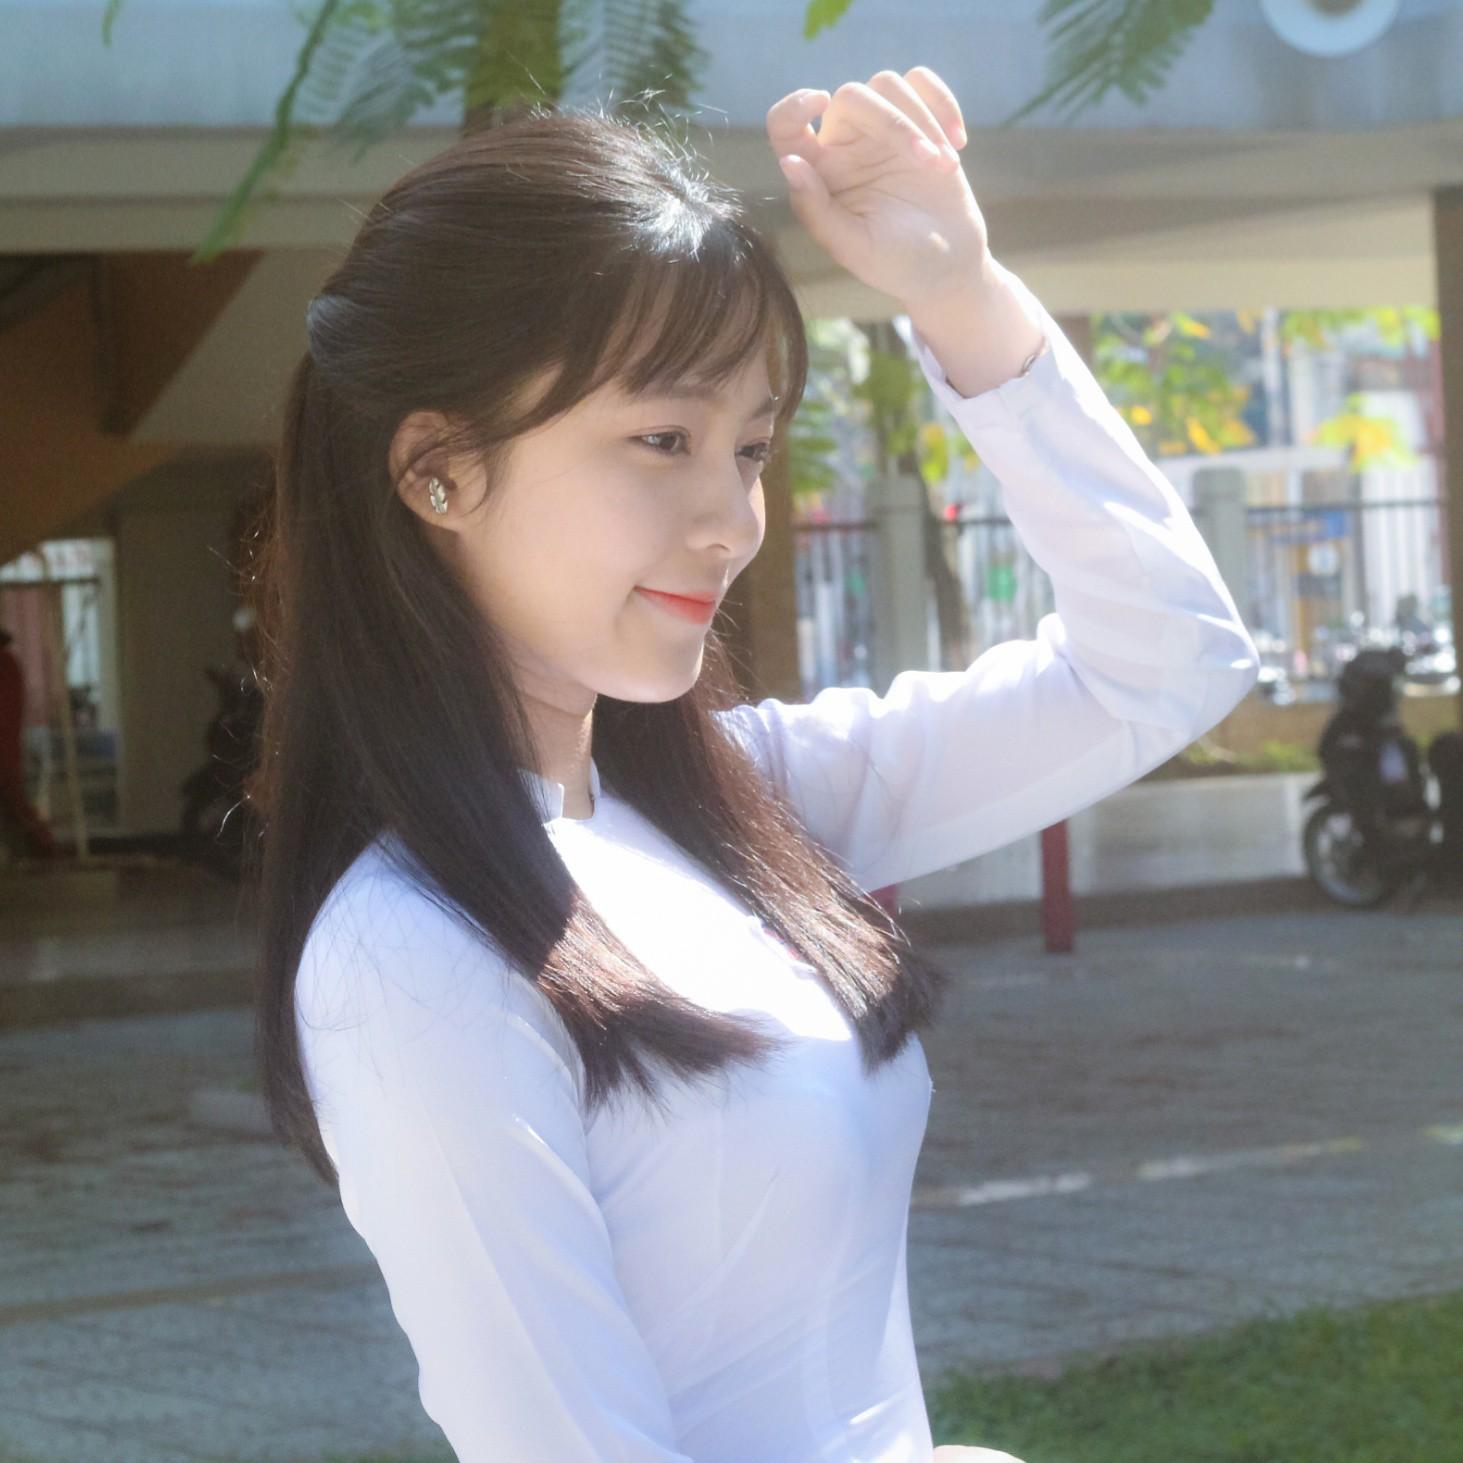 Chưa đến năm học mới, thiếu nữ Đà Nẵng đã gây sốt với bức ảnh diện áo dài xinh đẹp hơn nắng mai - Ảnh 1.